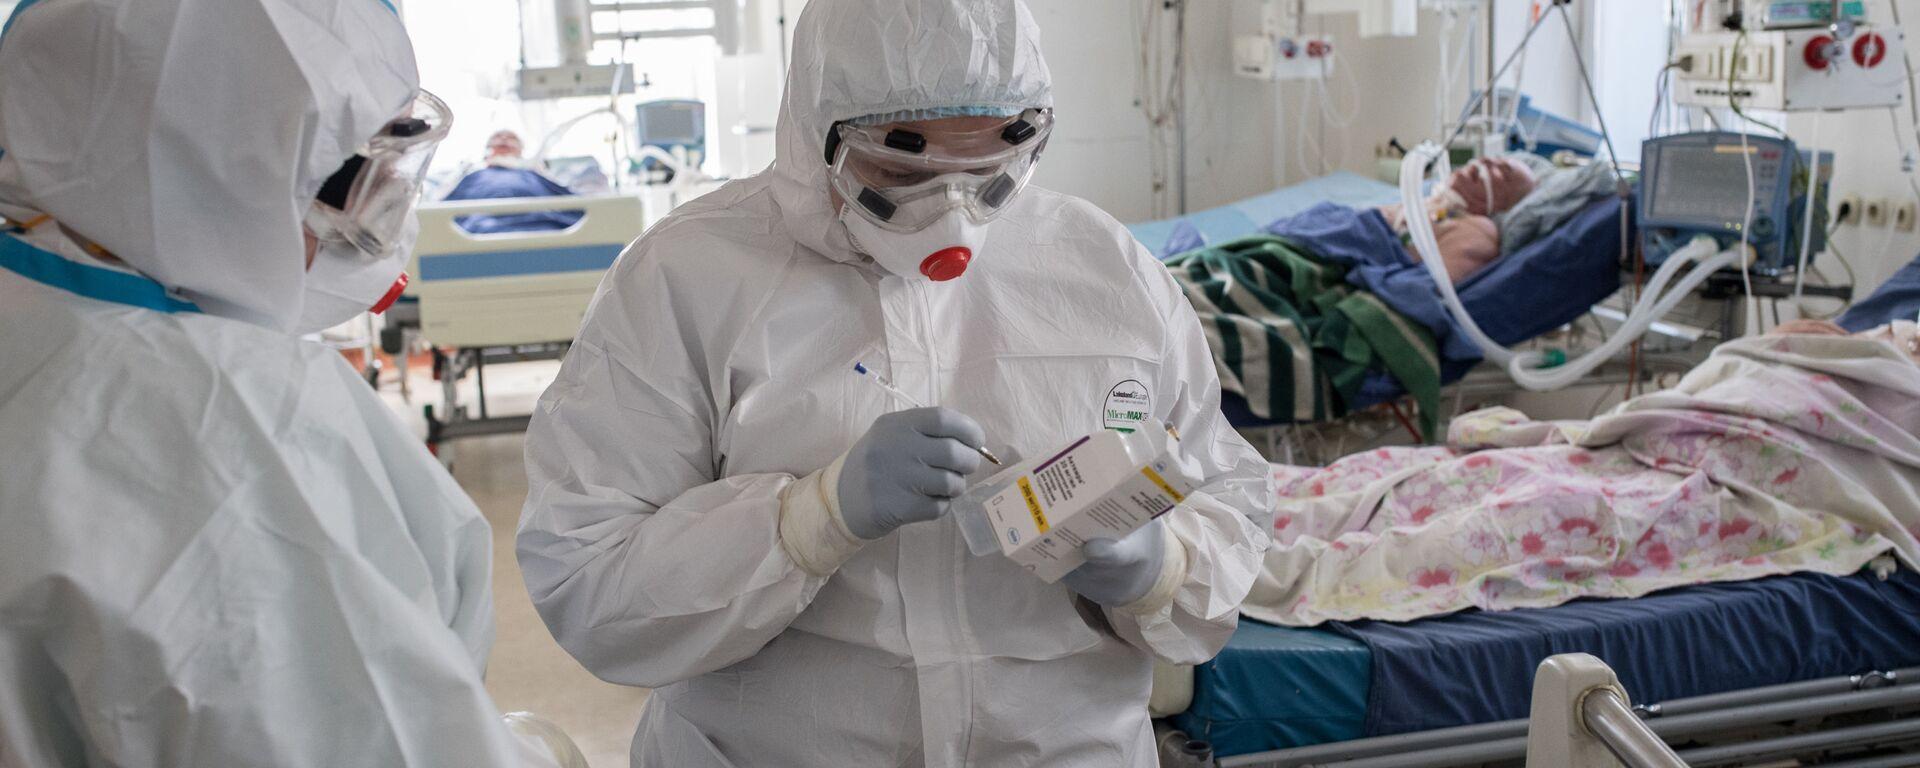 Медицинские работники в отделении реанимации для больных с коронавирусной инфекцией - Sputnik Латвия, 1920, 19.10.2020